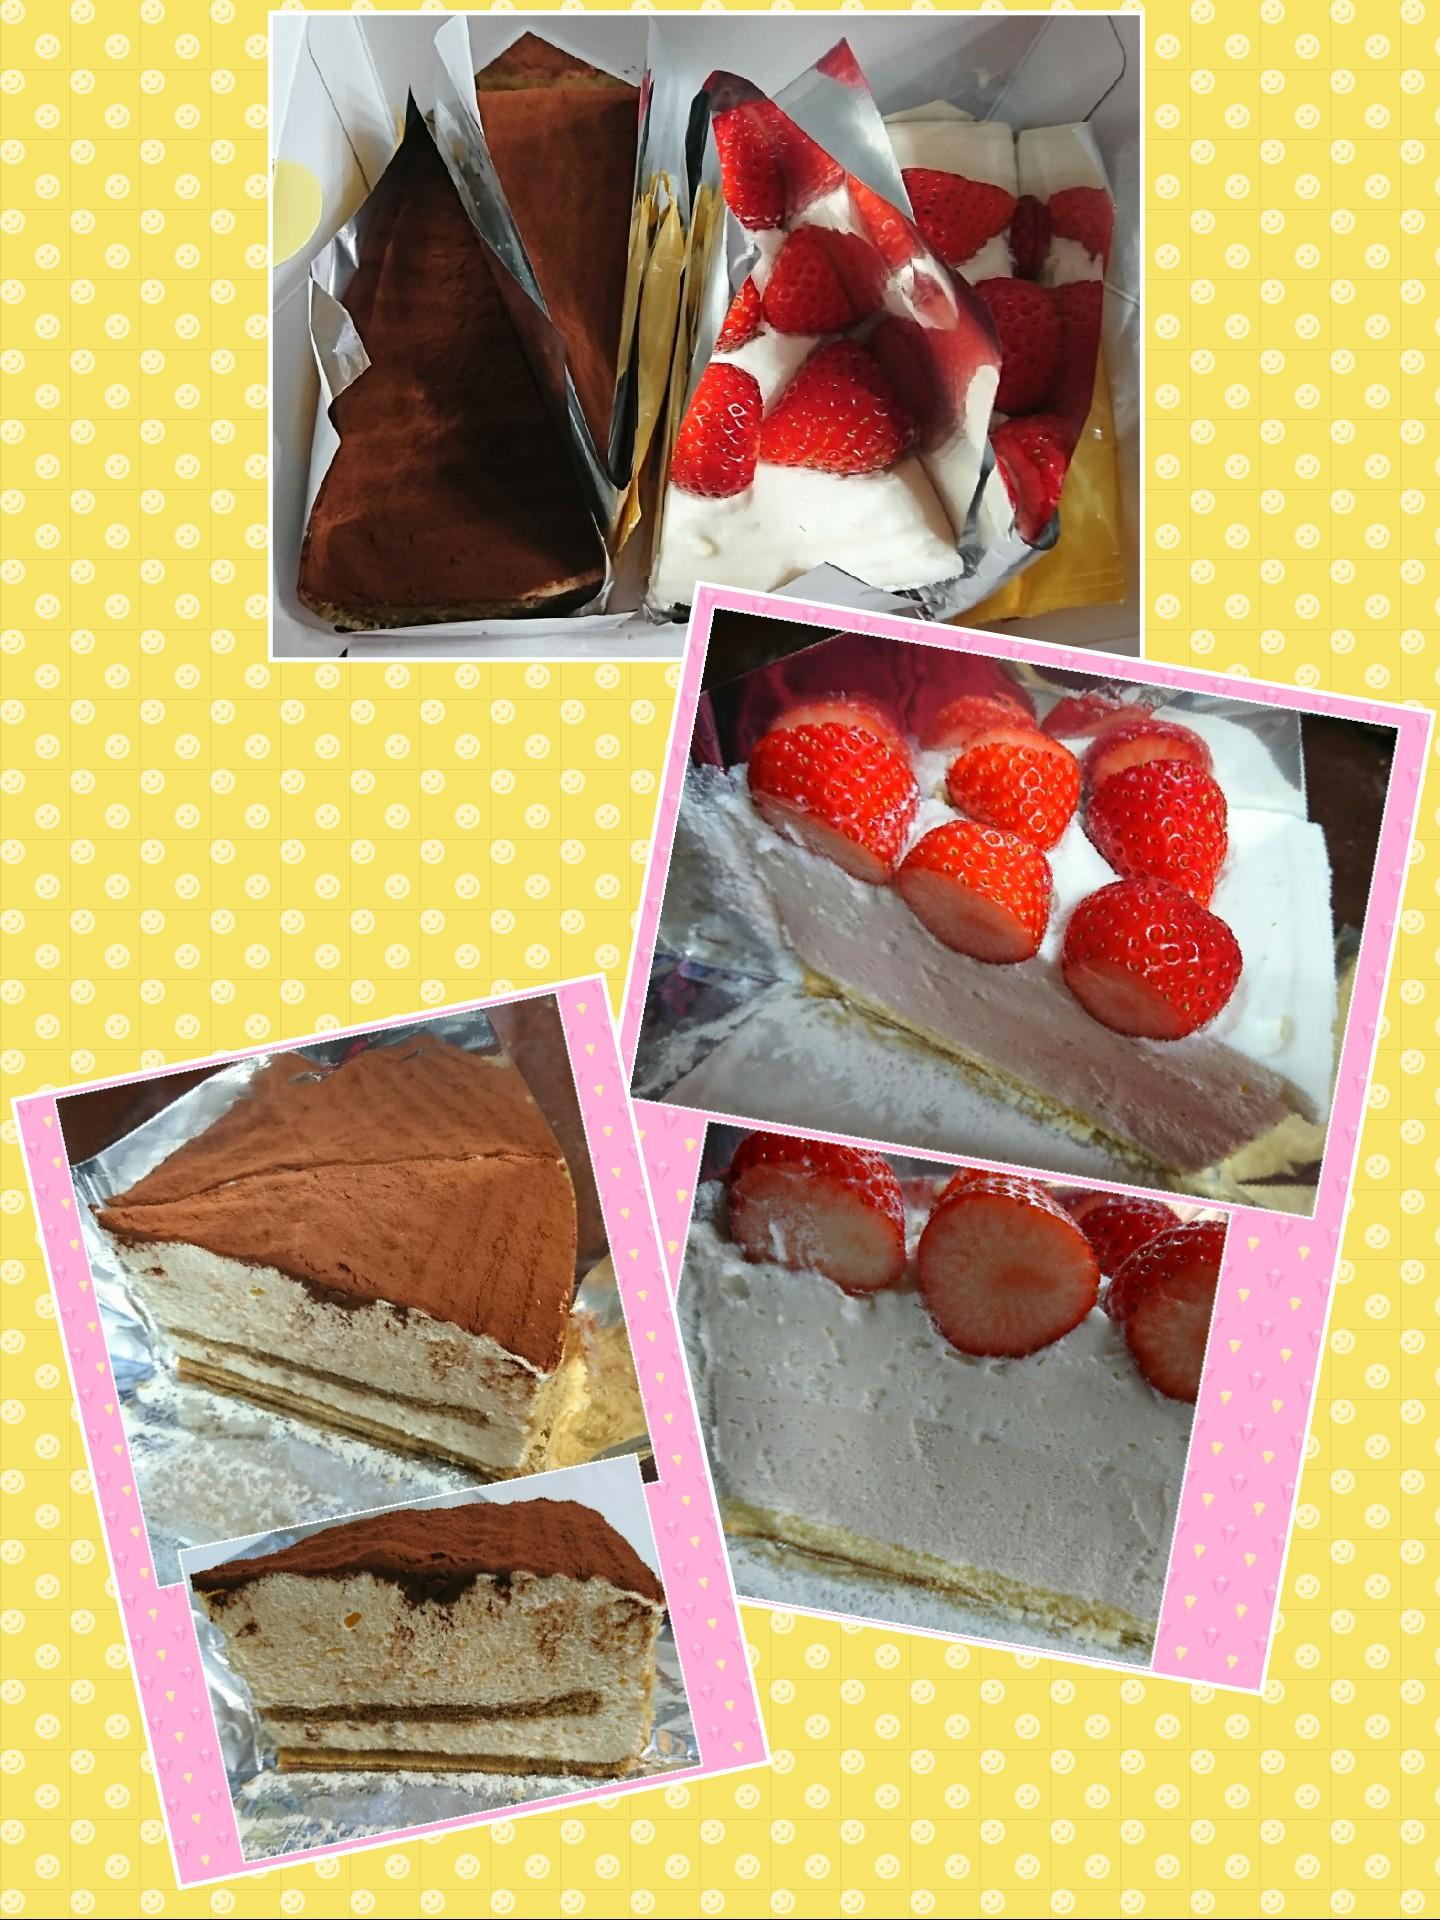 HARBS ストロベリーチーズケーキ&ティラミス